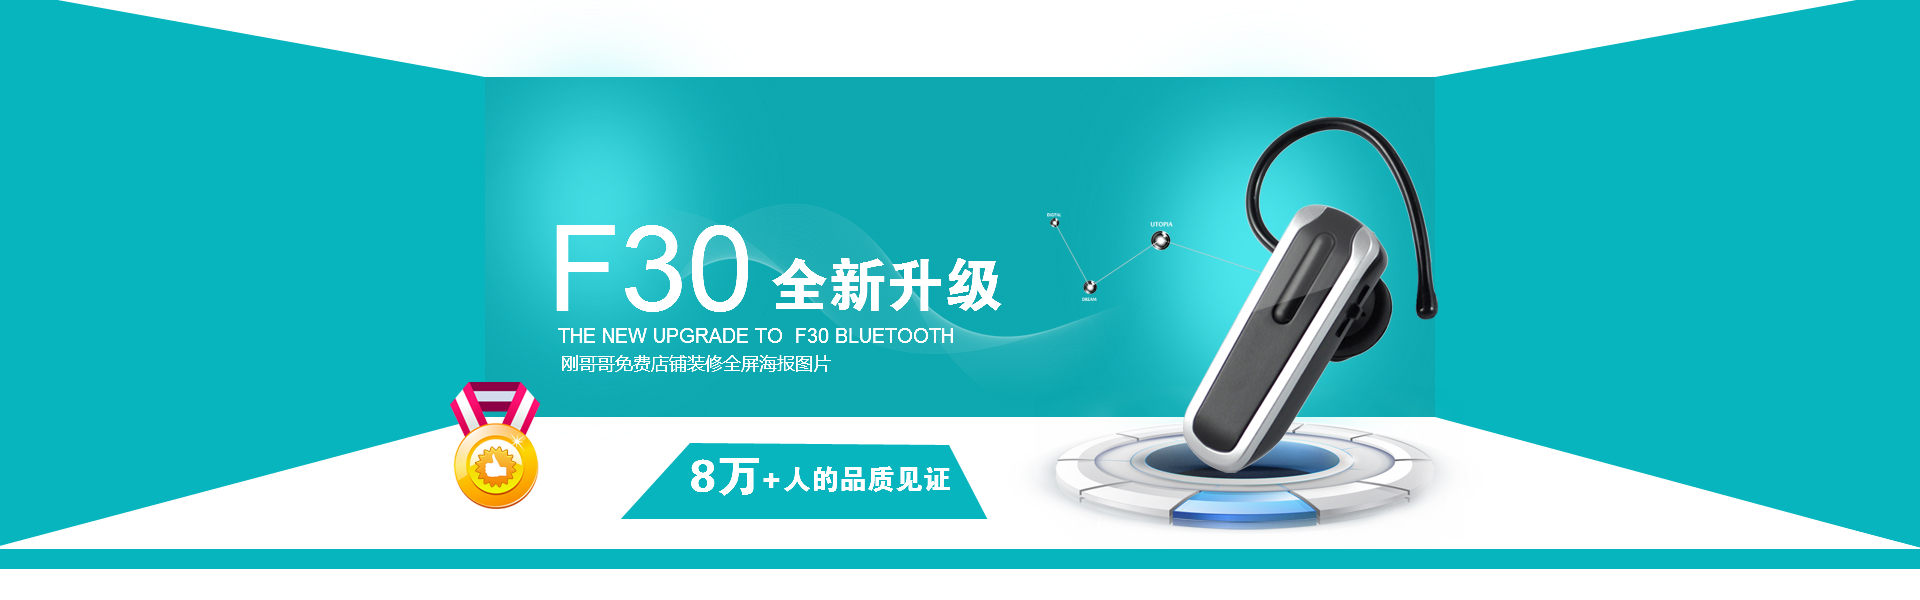 蓝色简约时尚蓝牙耳机F30全新升级淘宝店铺天猫旺铺装修全屏海报图片在线制作